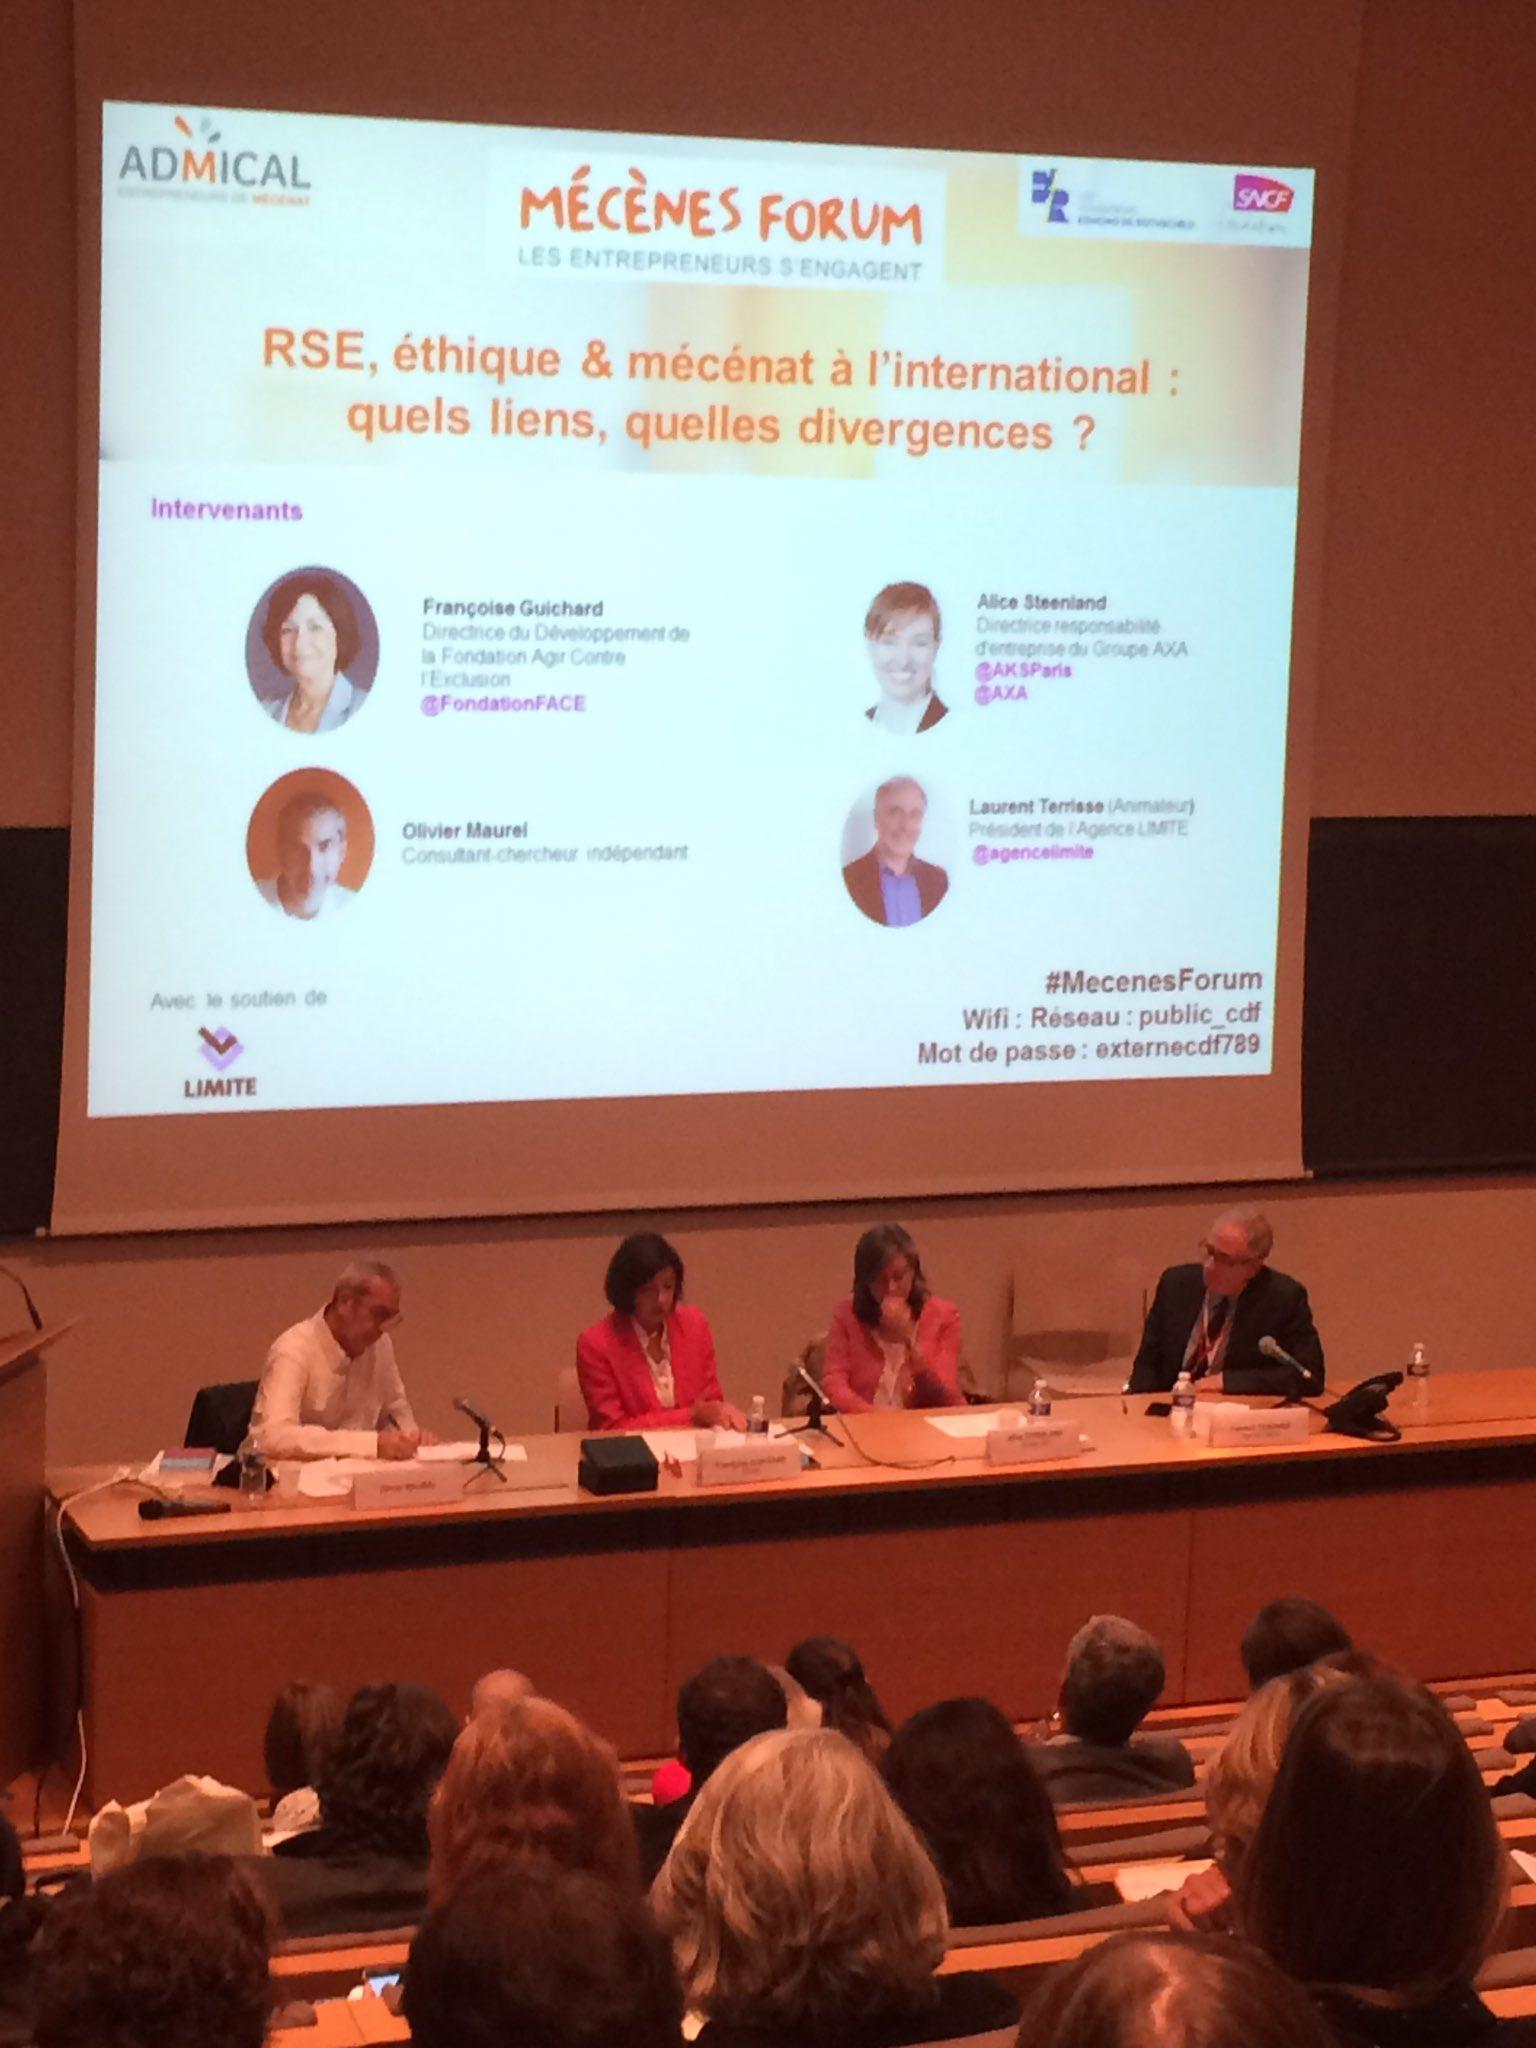 Table-ronde du #MecenesForum 2/3 : RSE, éthique et mécénat à l'international https://t.co/P6GIwWOfO0